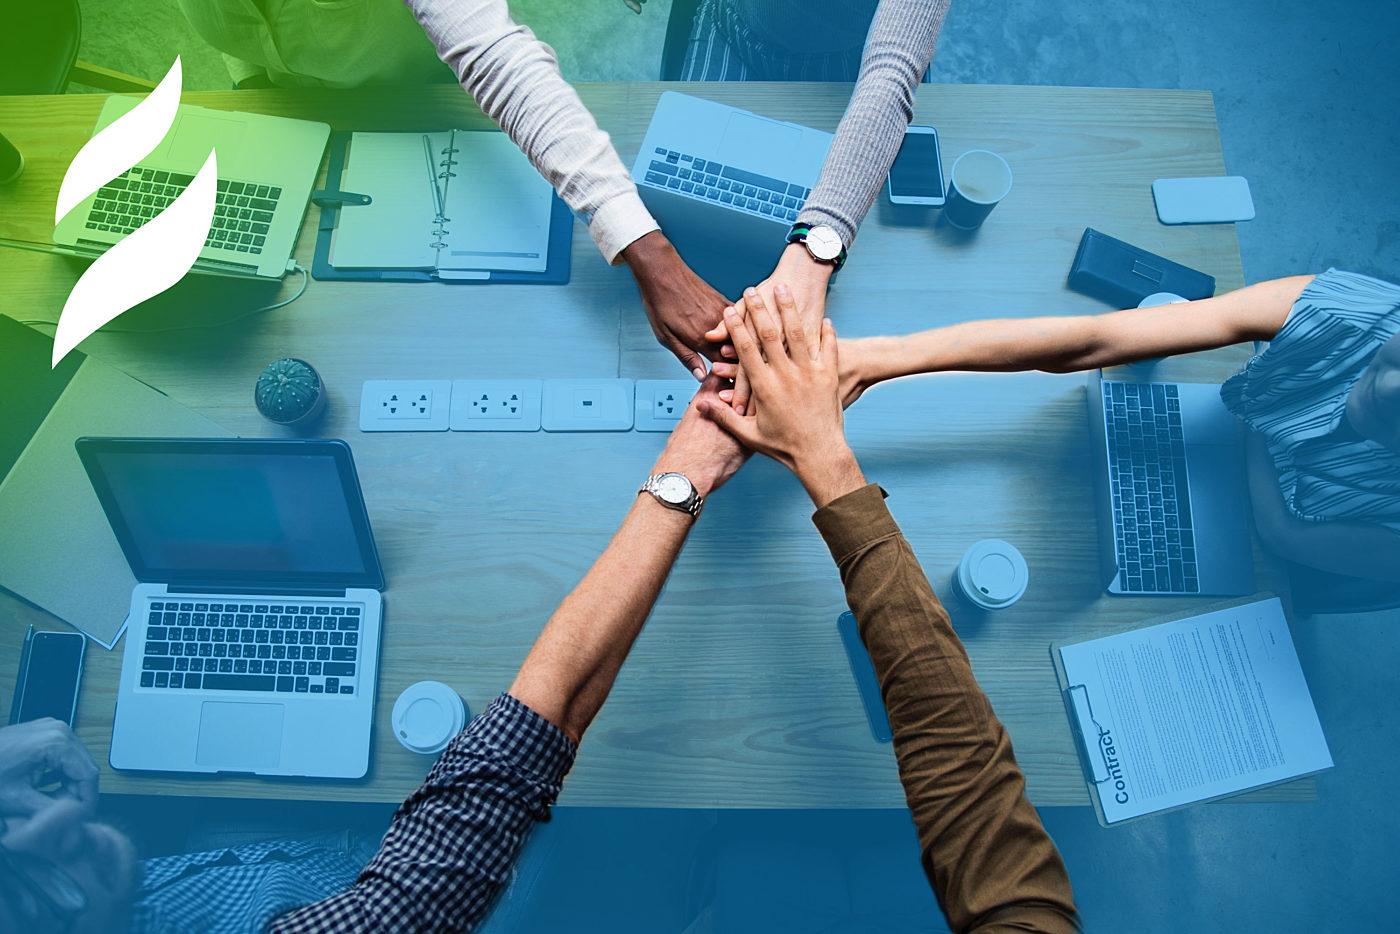 Мероприятия: Мастер-класс для HR-ов и рекрутеров «Как стать другом для сотрудников и кандидатов» в Харькове